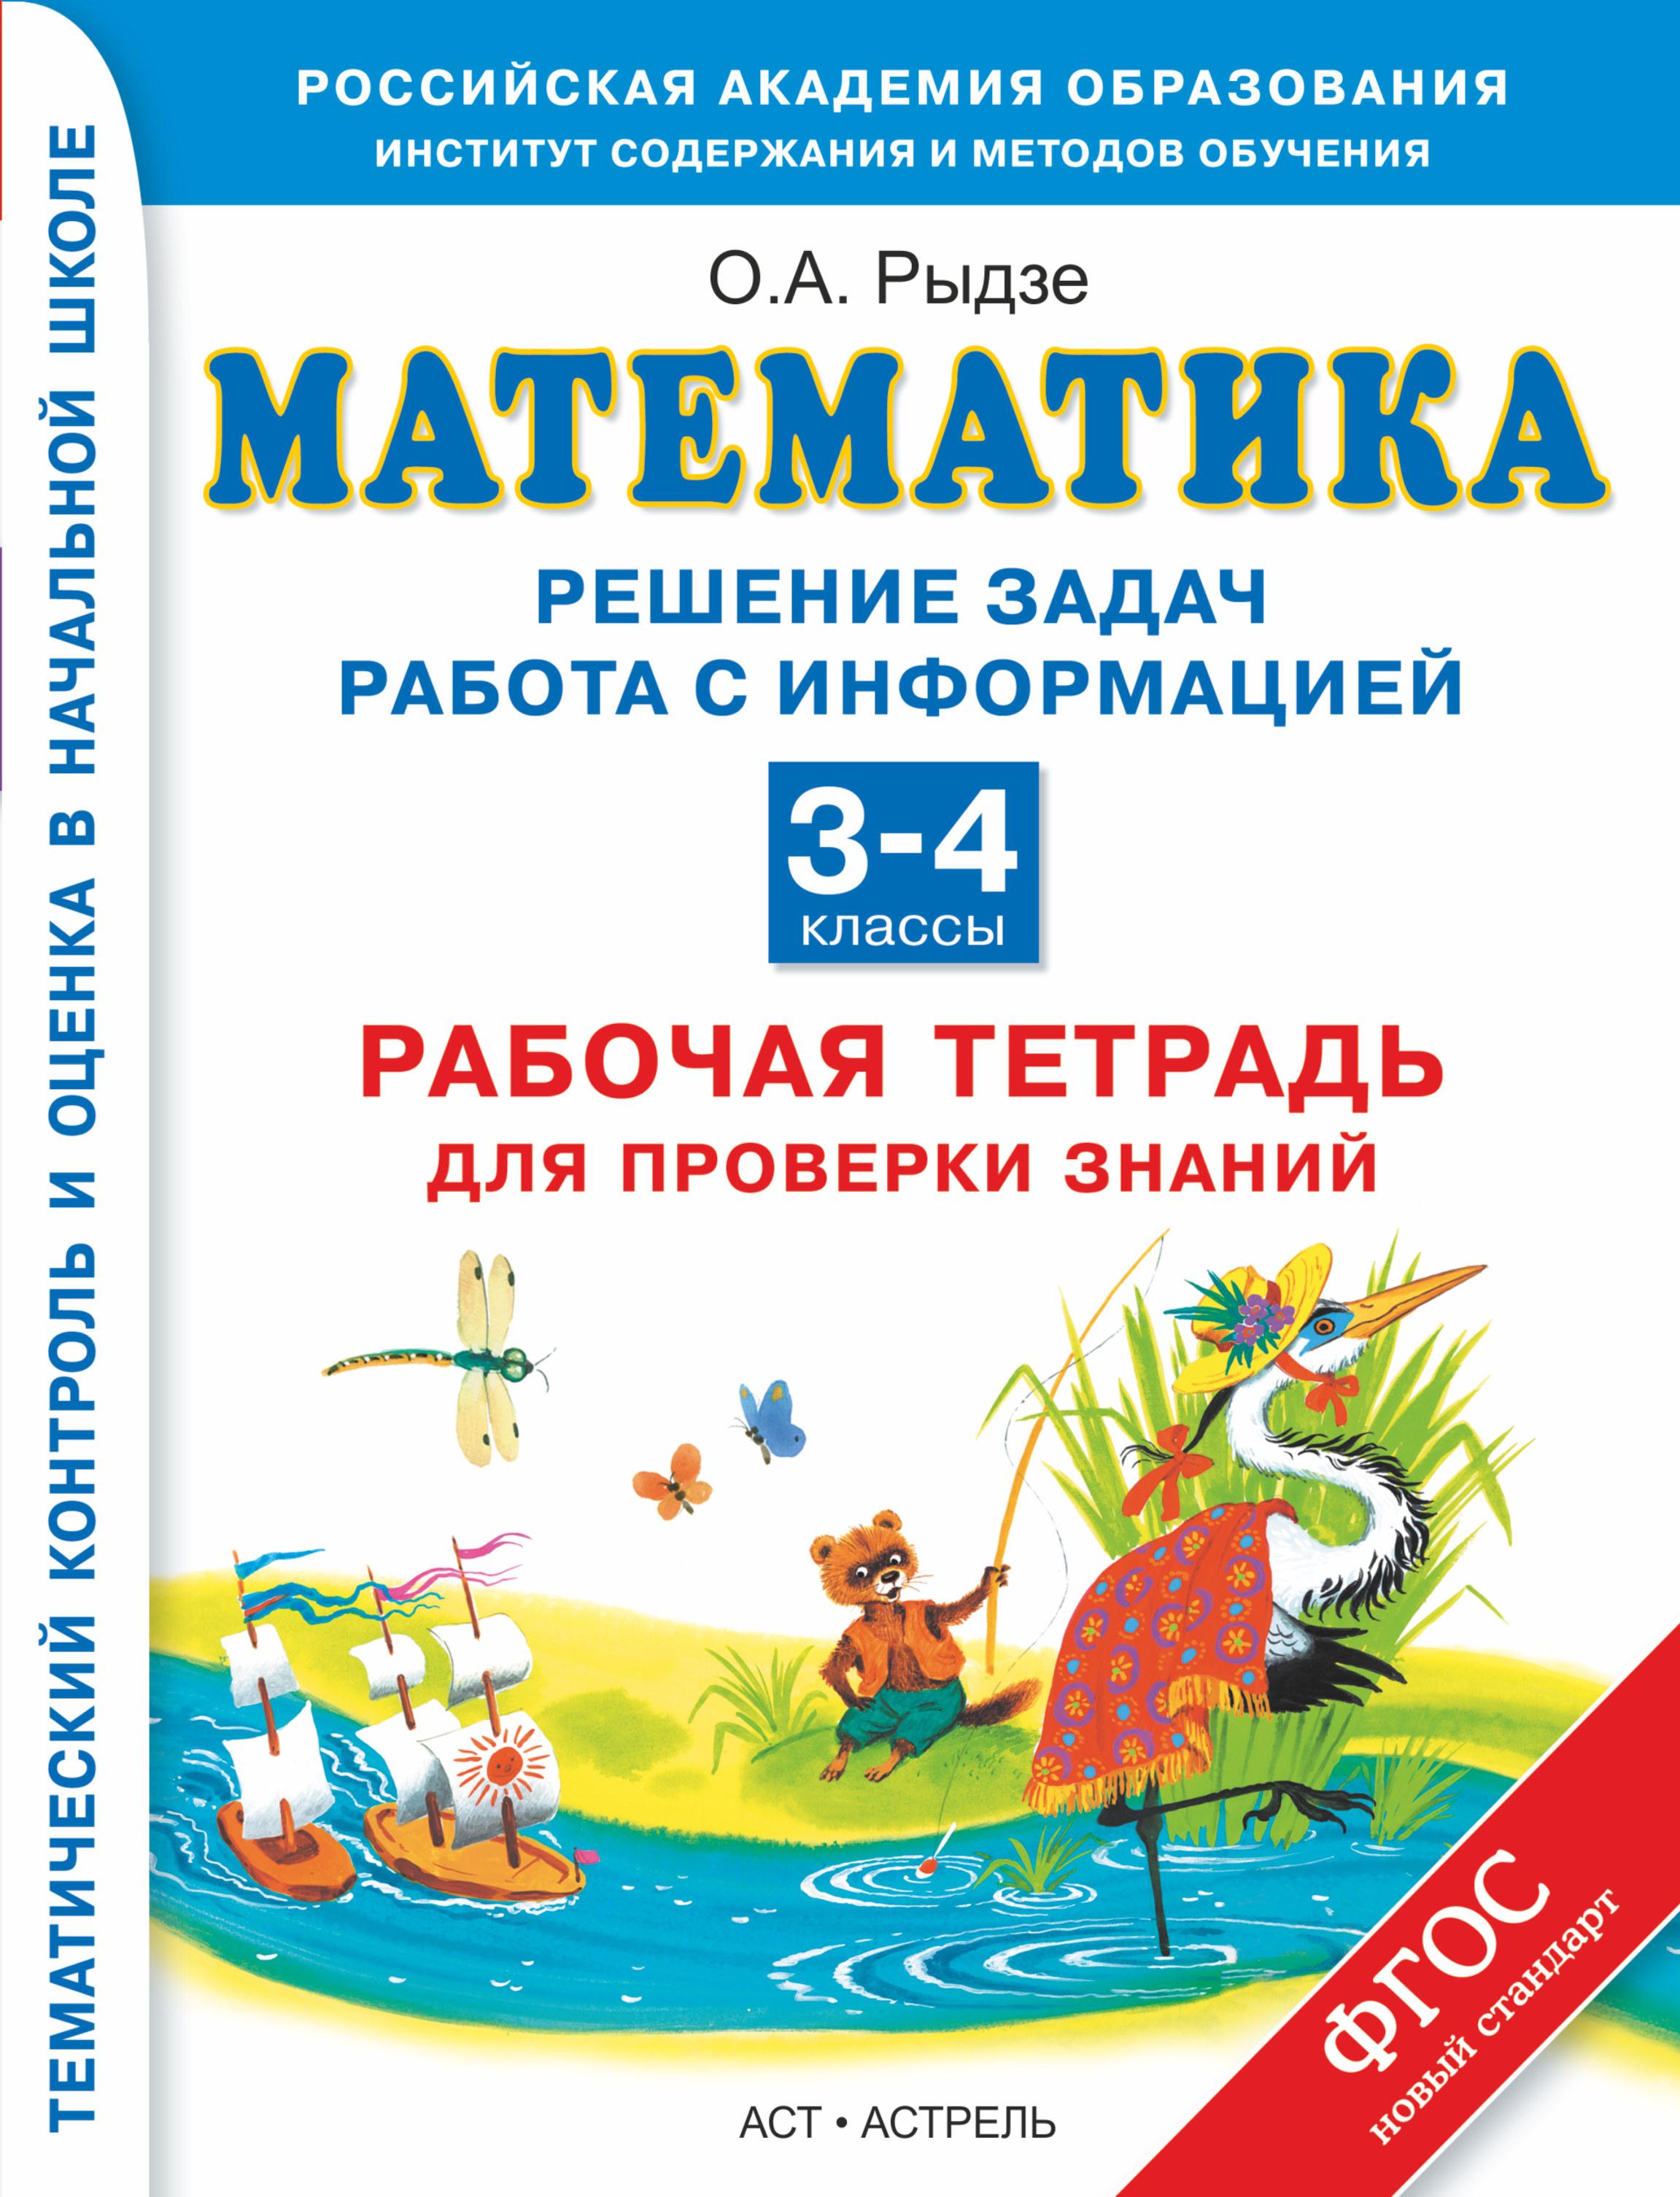 Решение задач. Работа с информацией. Математика. 3–4 классы. Рабочая тетрадь для проверки знаний